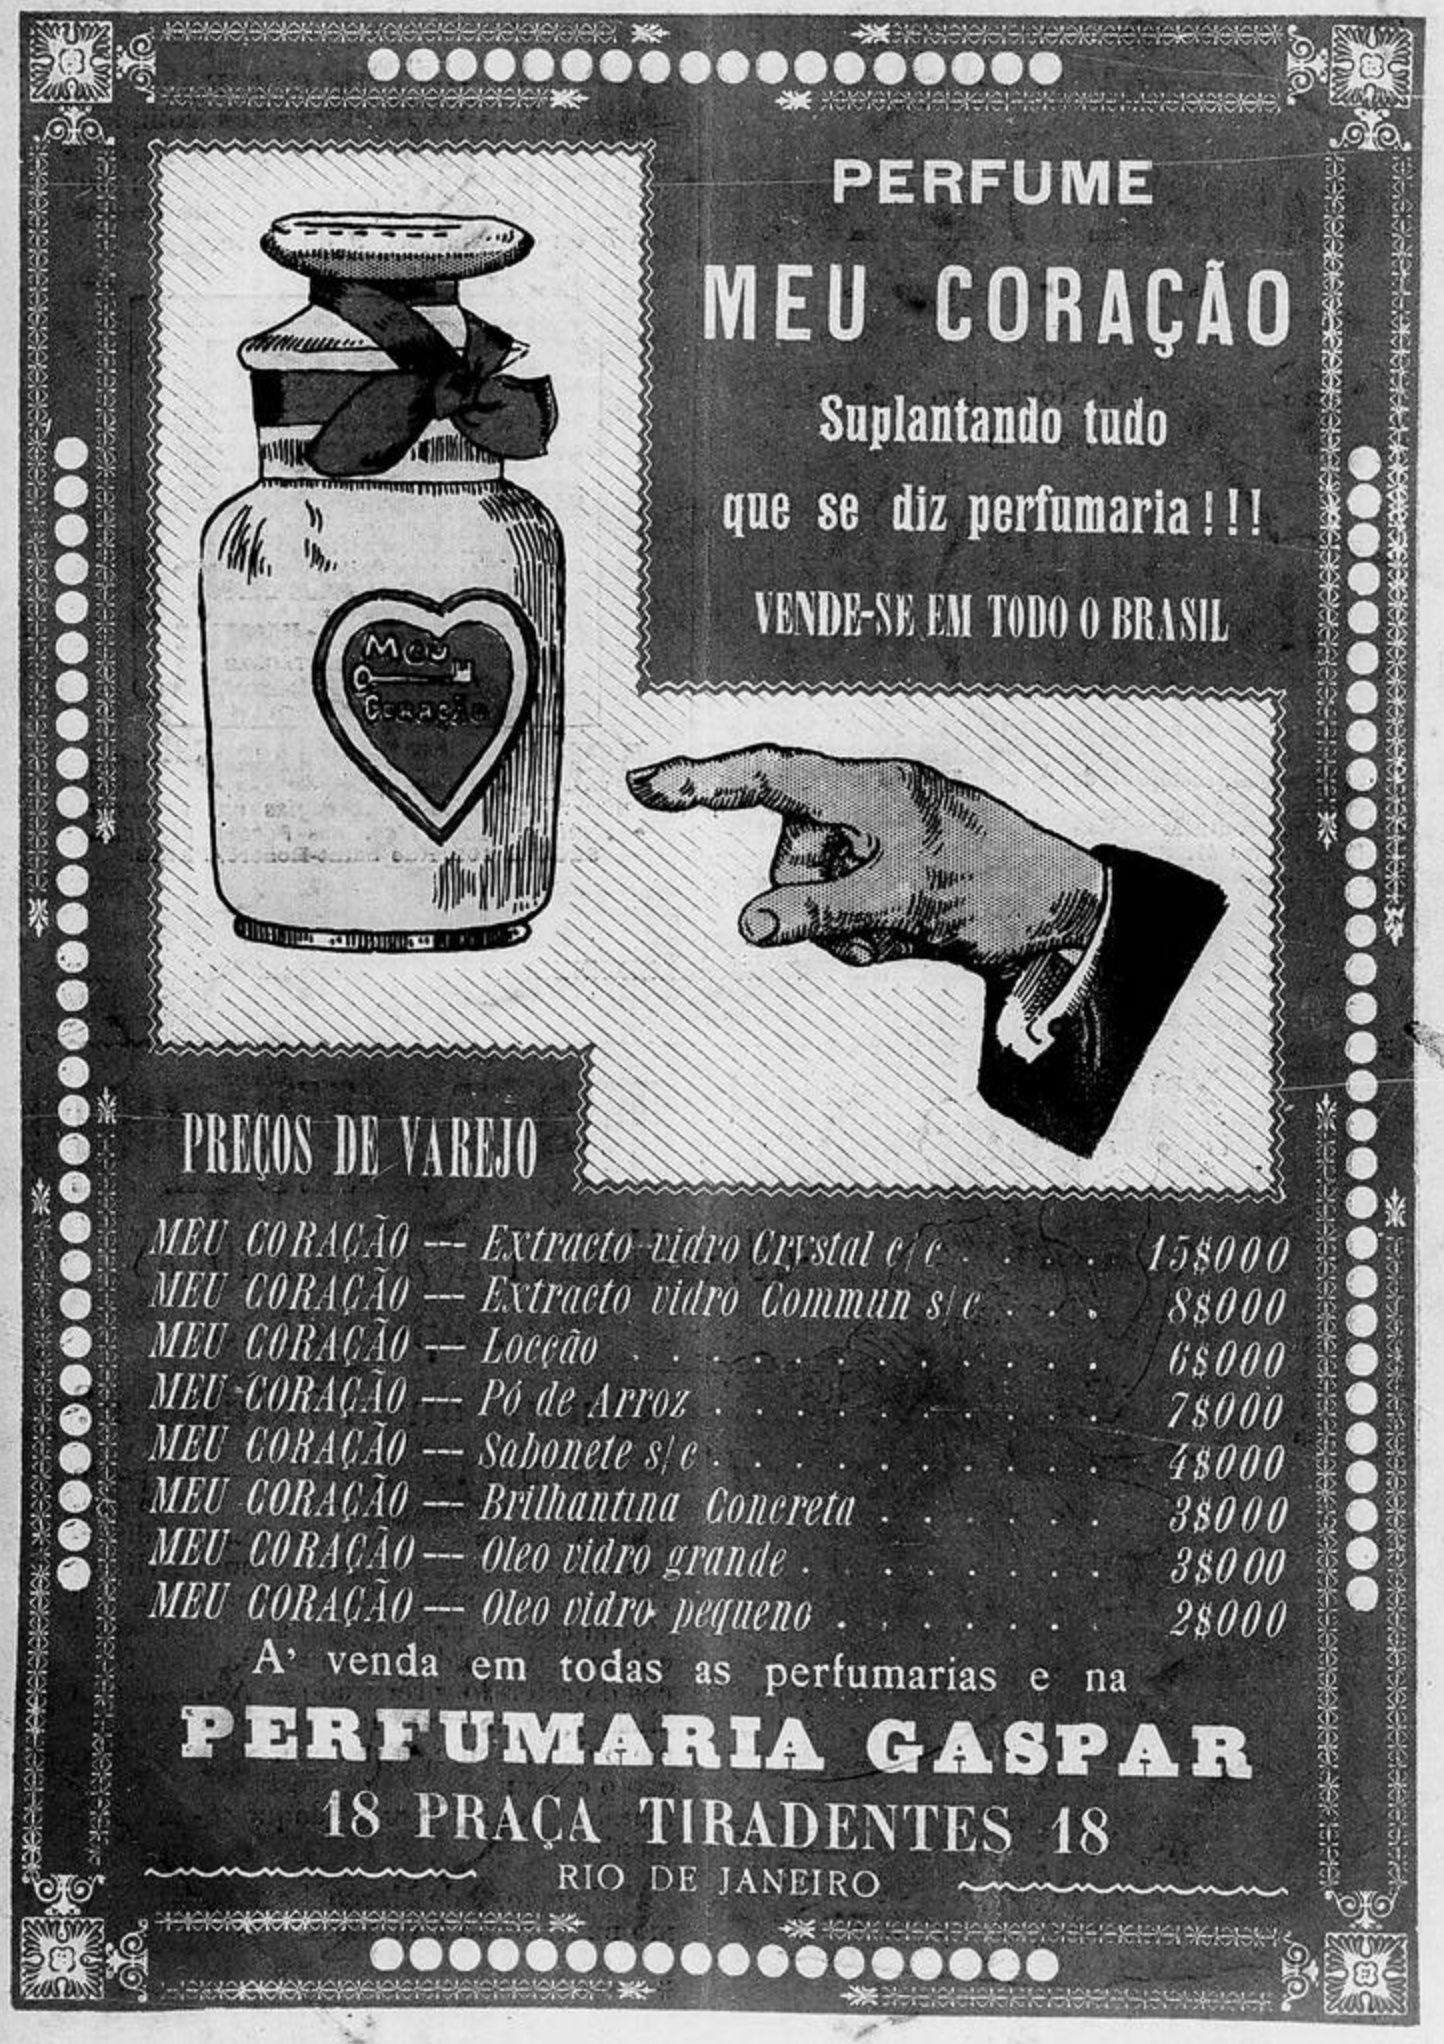 Anúncio veiculado em 1910 promovia o Perfume Meu Coração